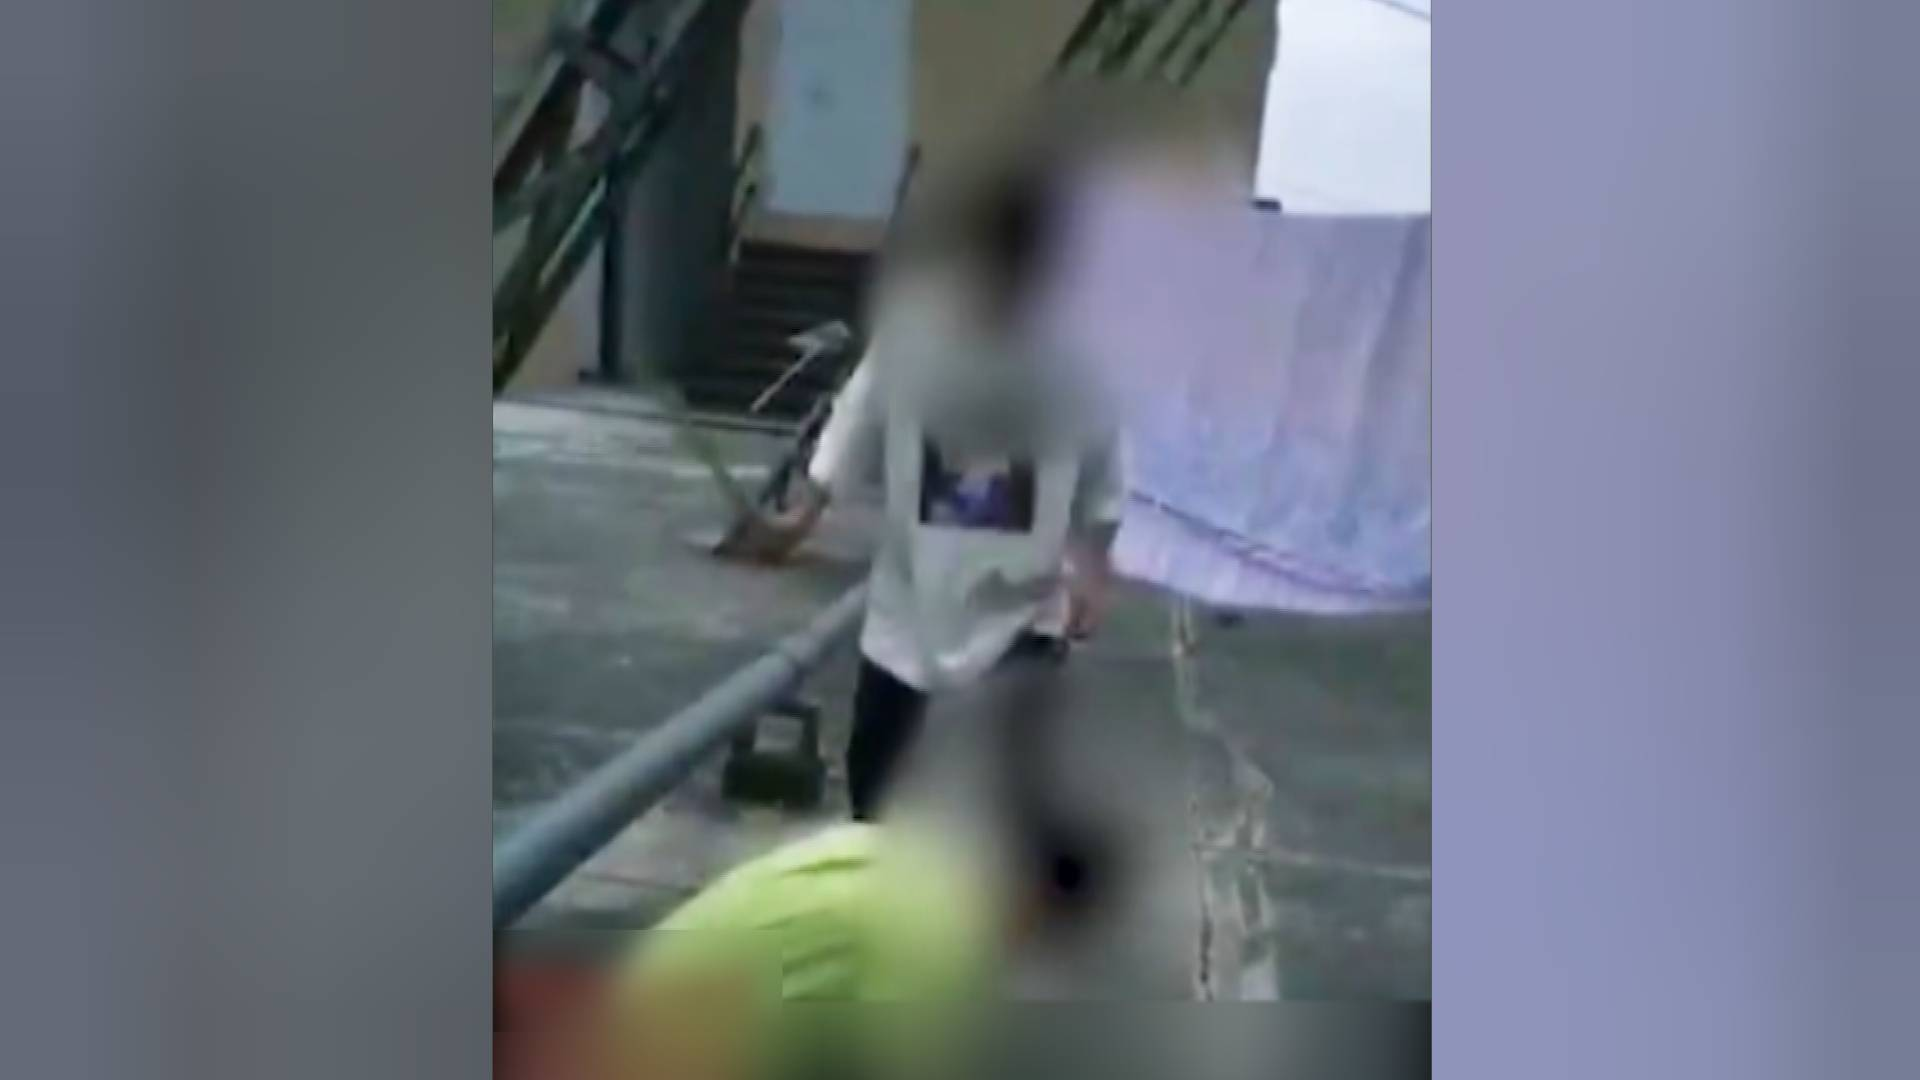 广东河源一中学生被人连续持棍殴打 校方通报:打人者行凶前曾敲诈勒索、强抢钱财